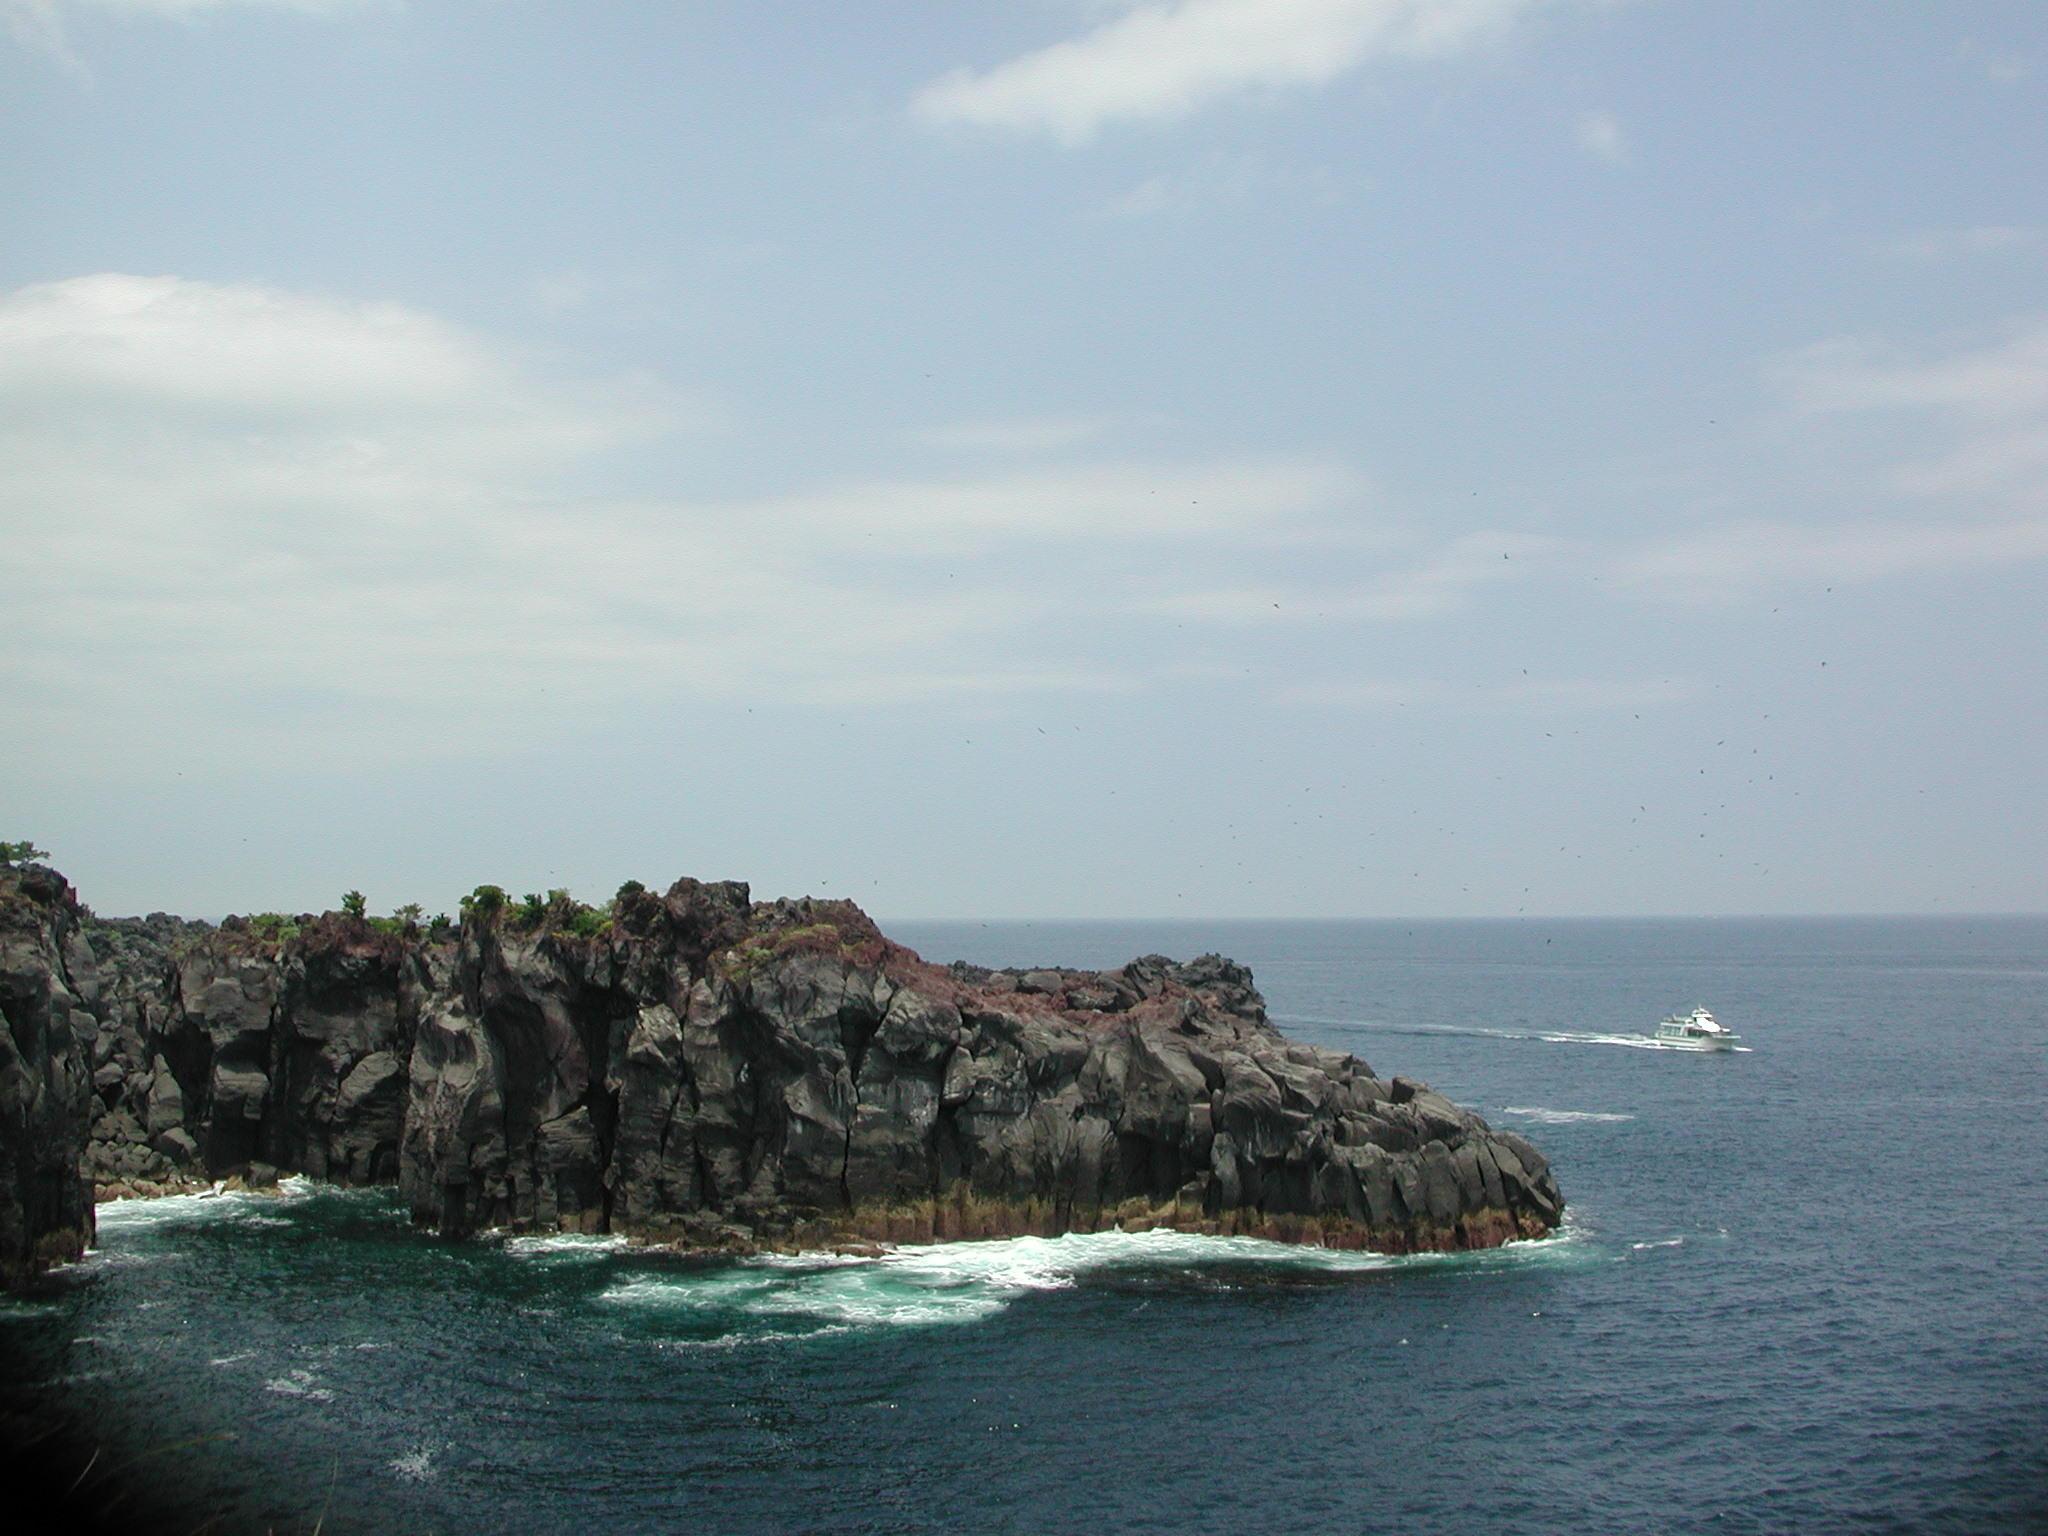 ?城ケ崎、海からも見ておきたいですね?